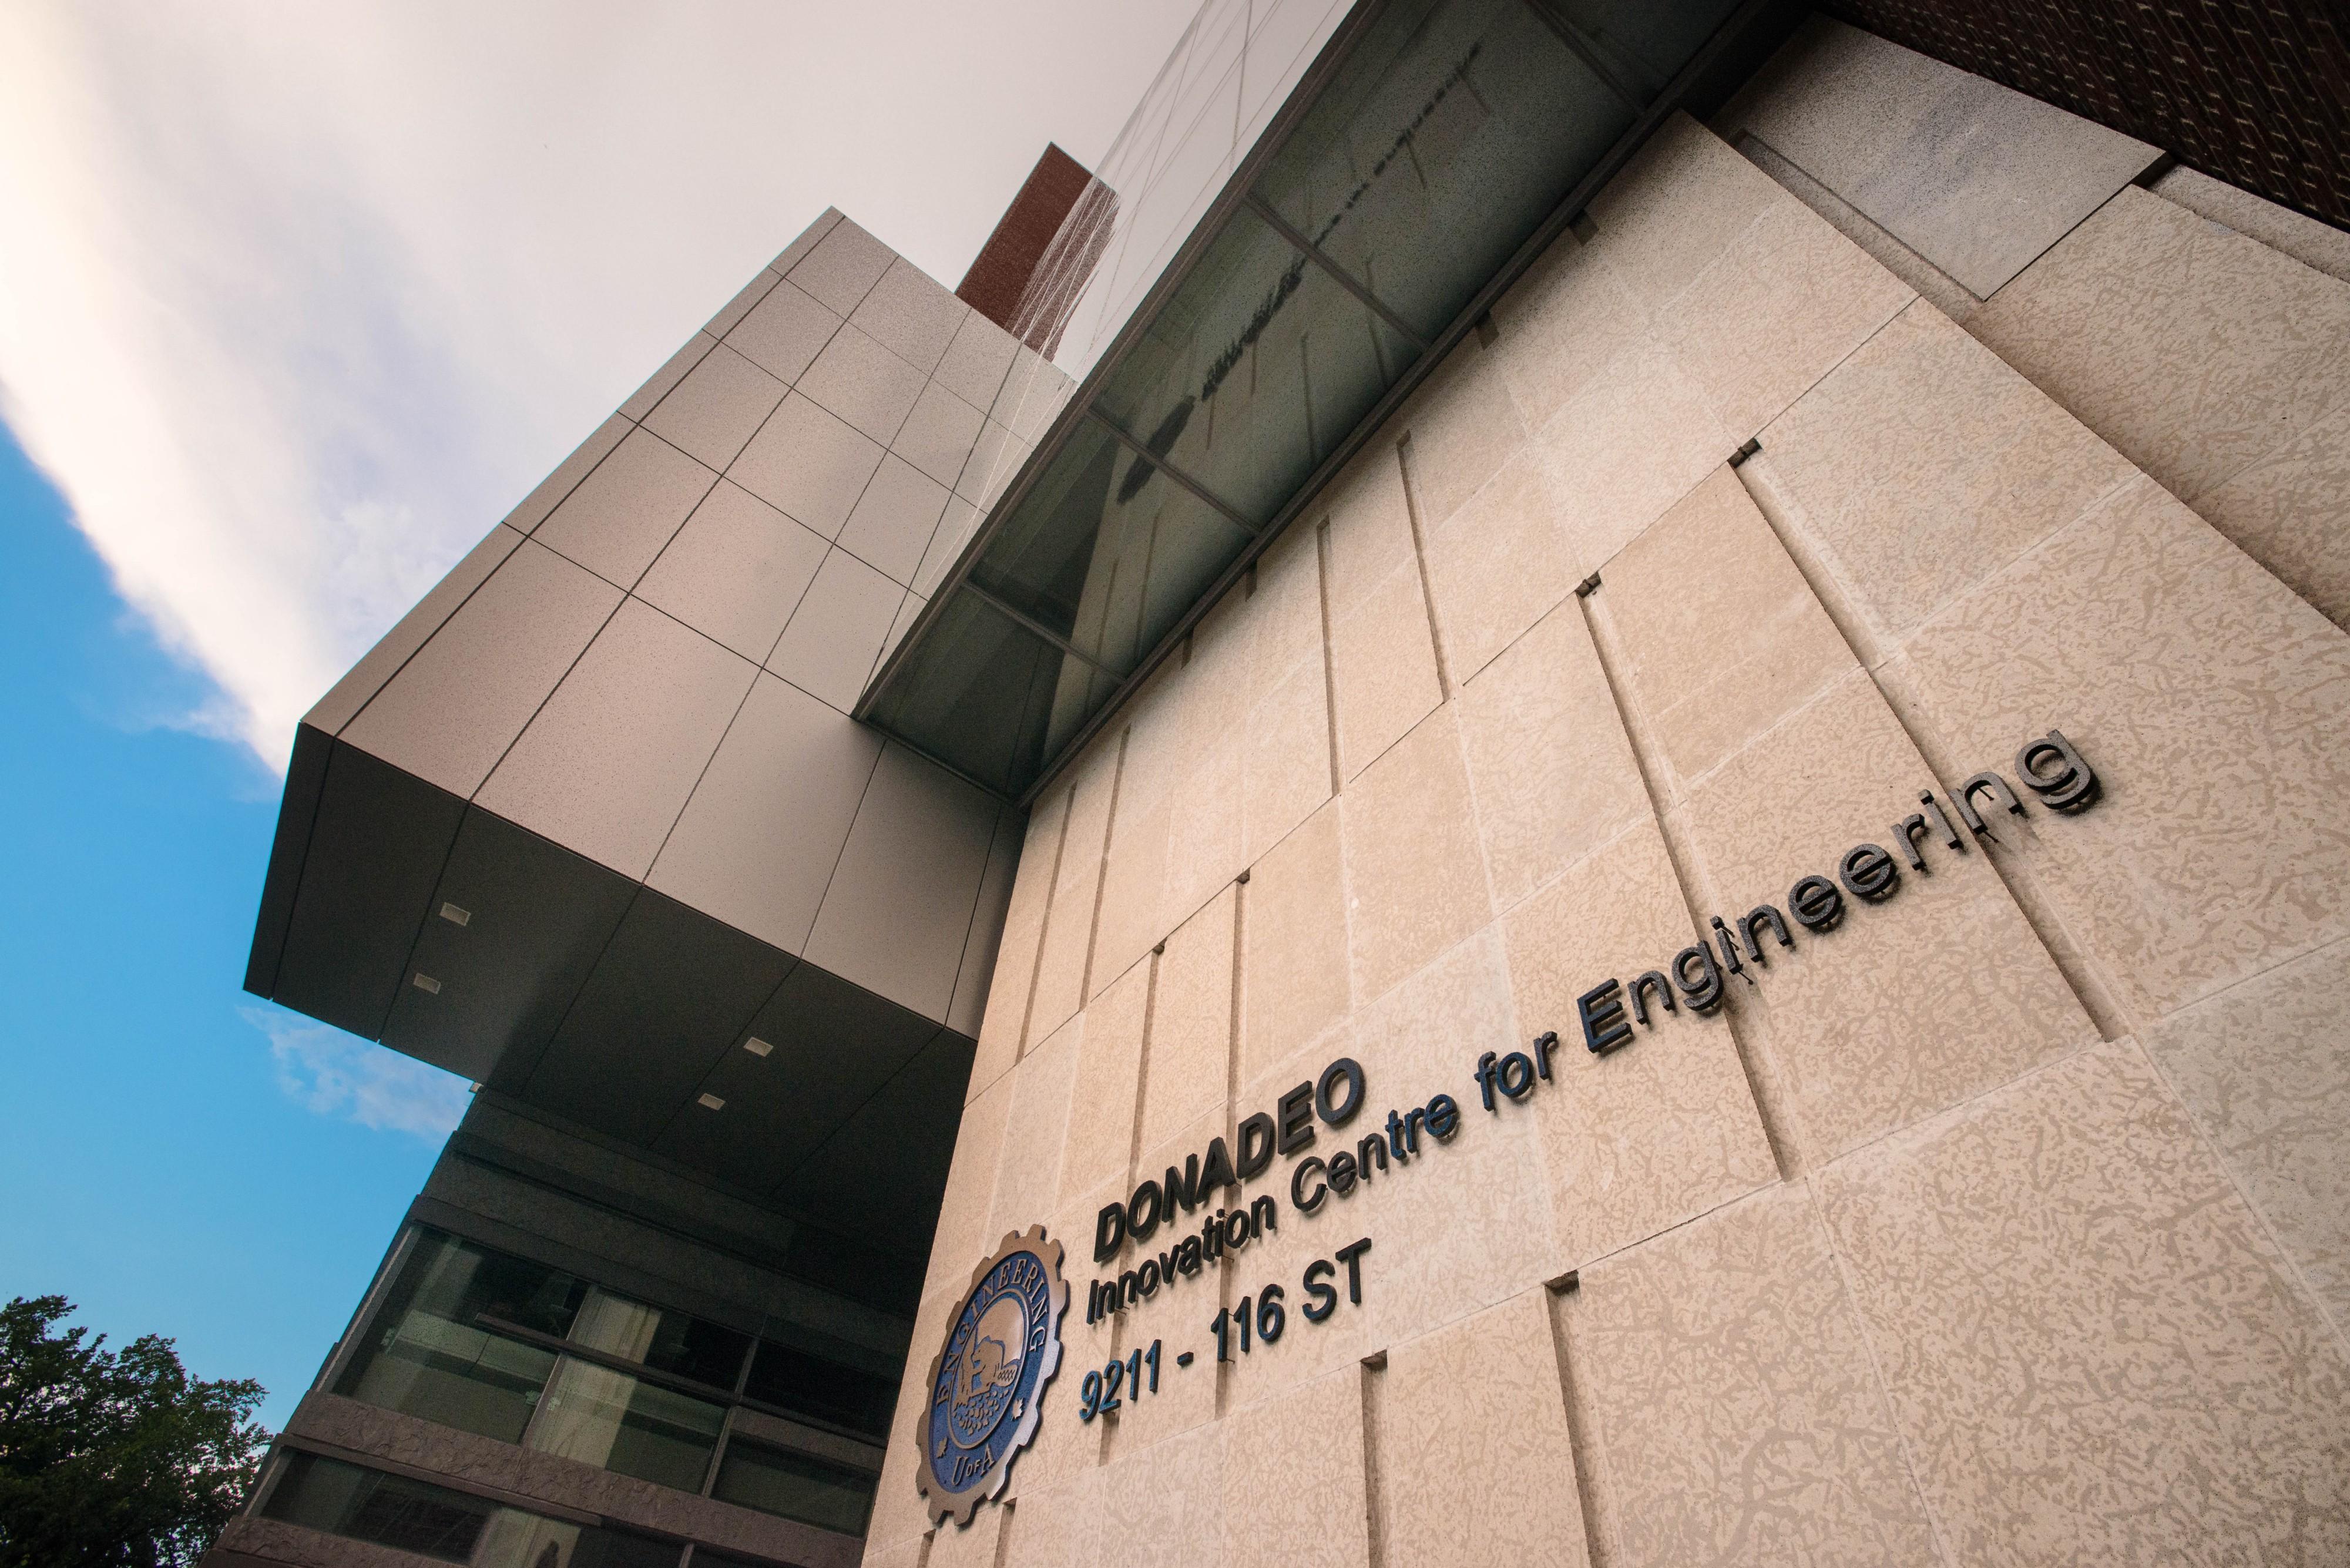 announcement-regarding-dean-of-engineering-148js1bygimh6qrpckuozea.jpeg